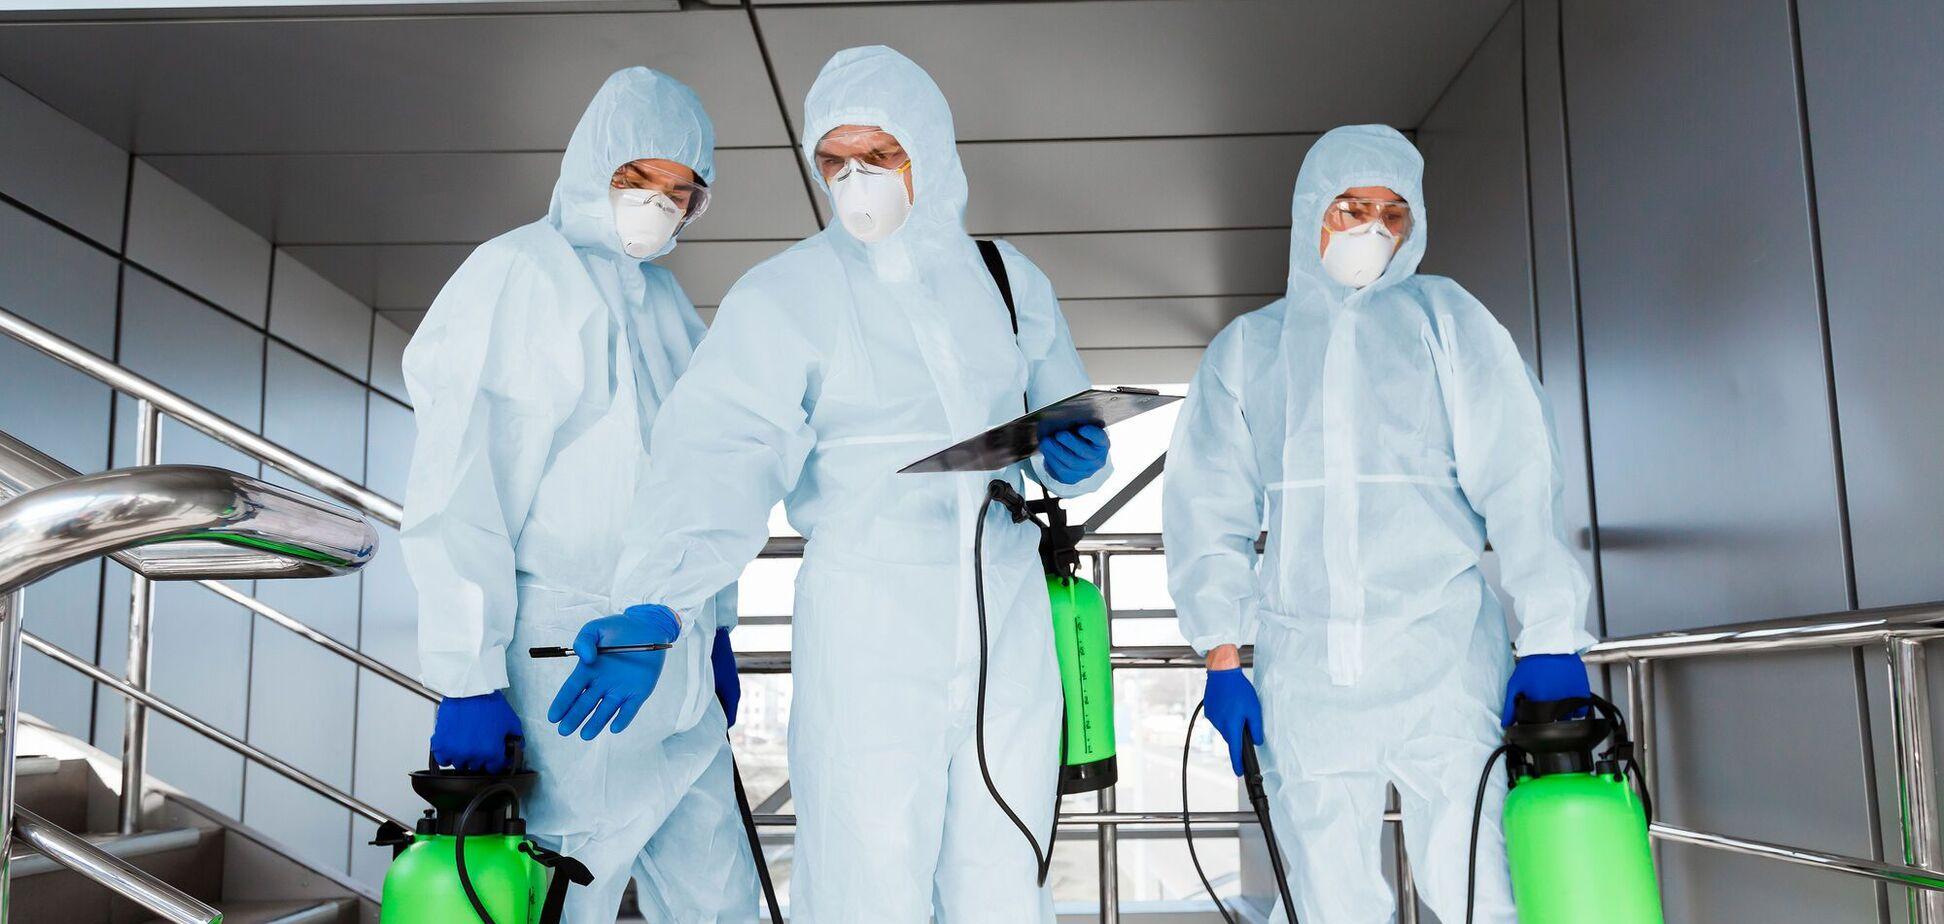 Виробники ЗІЗ об'єдналися у спілку задля забезпечення антиінфекційної безпеки людей